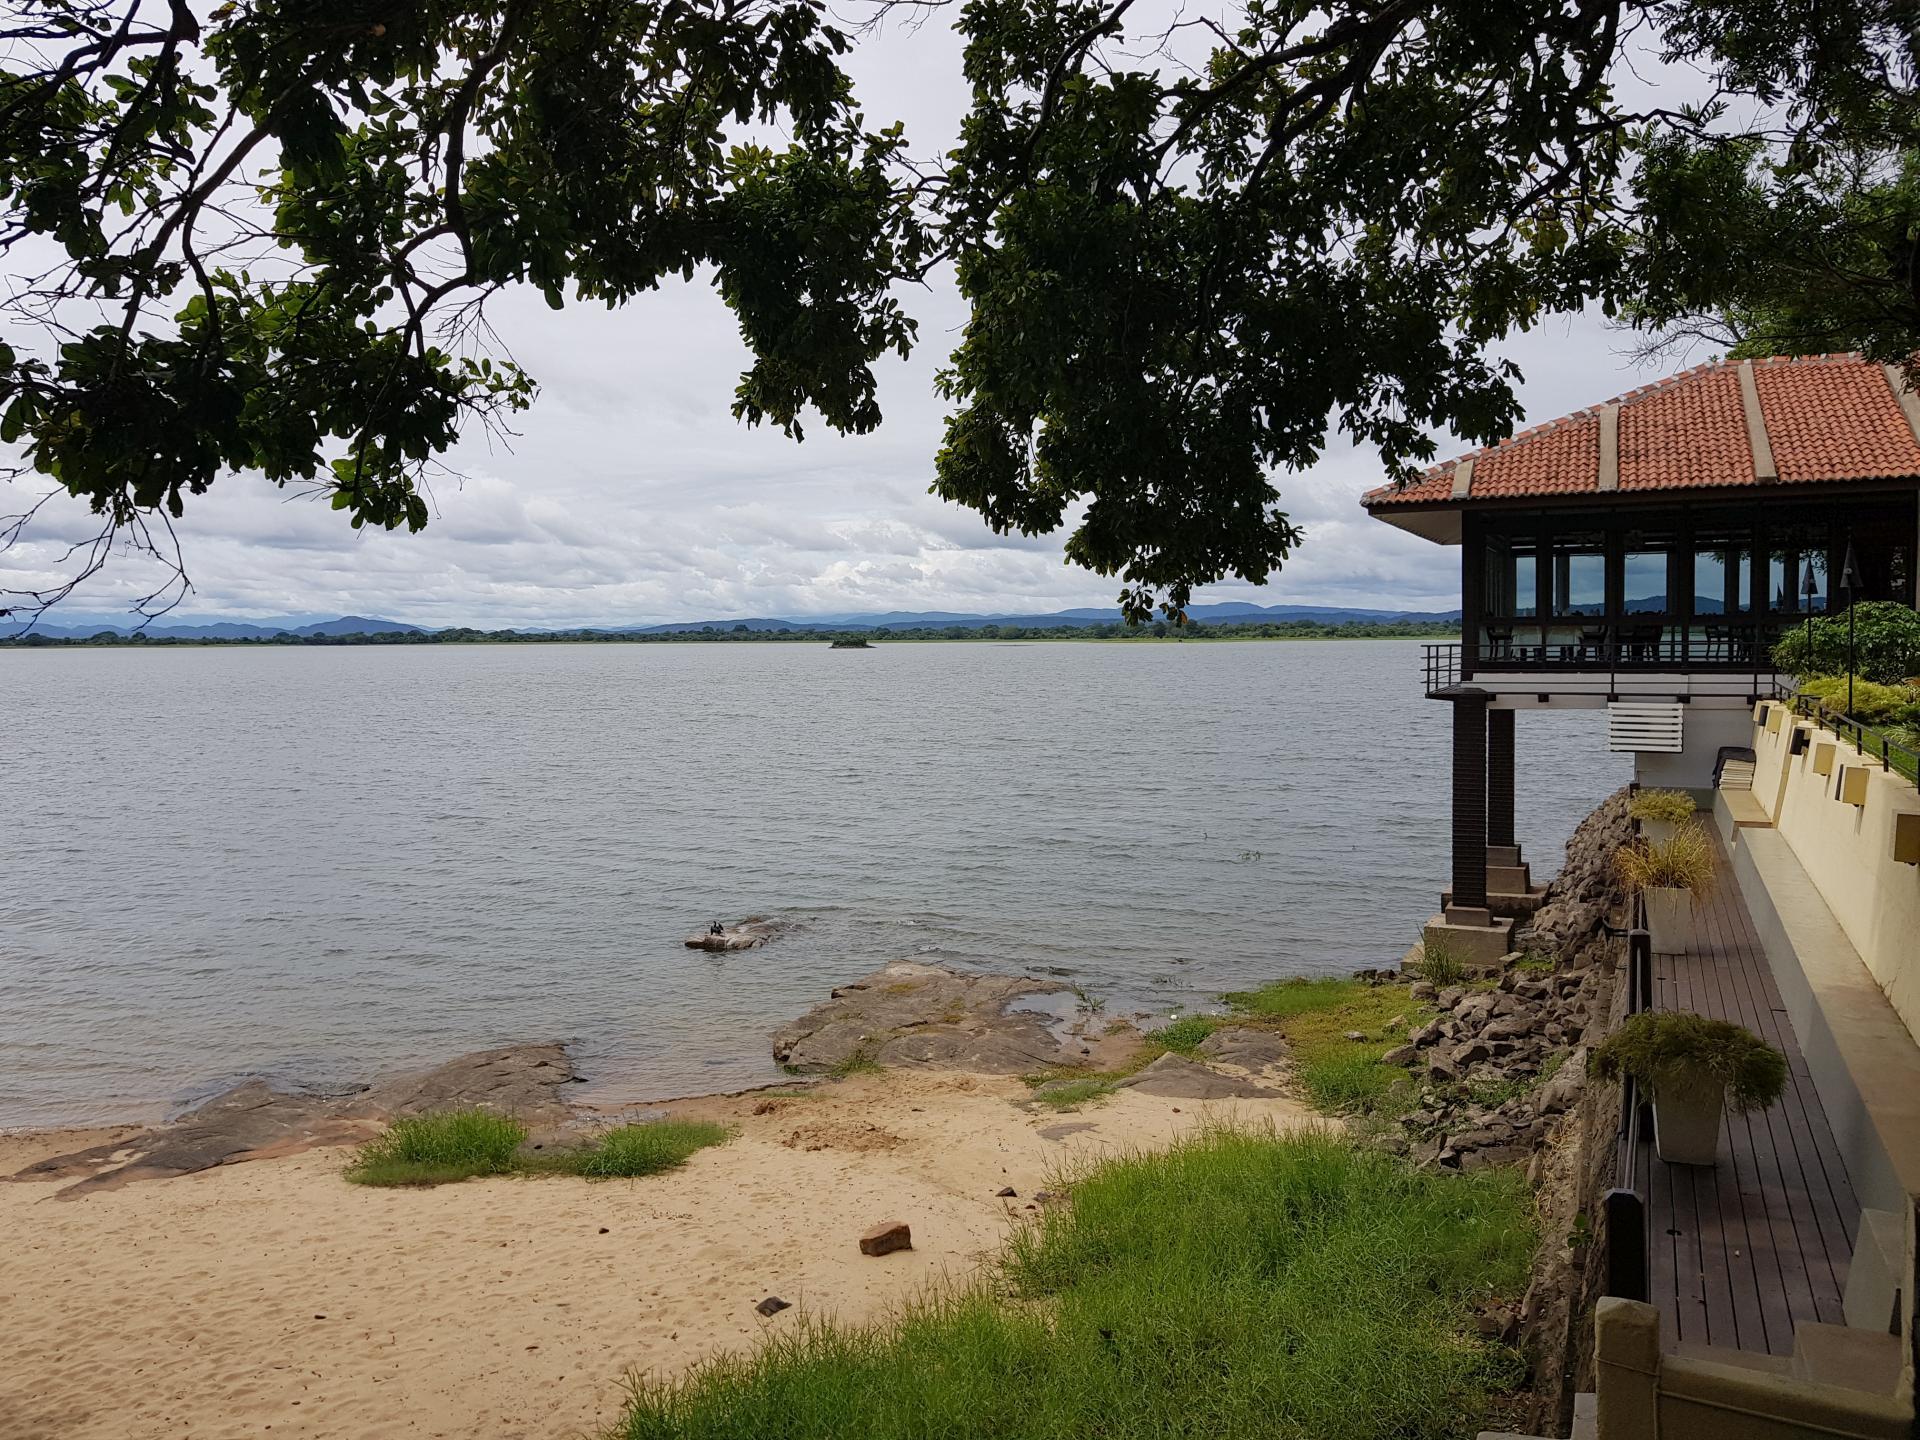 Озеро Топа Вева (море Паракрамы), Полоннарува, Шри-Ланка.